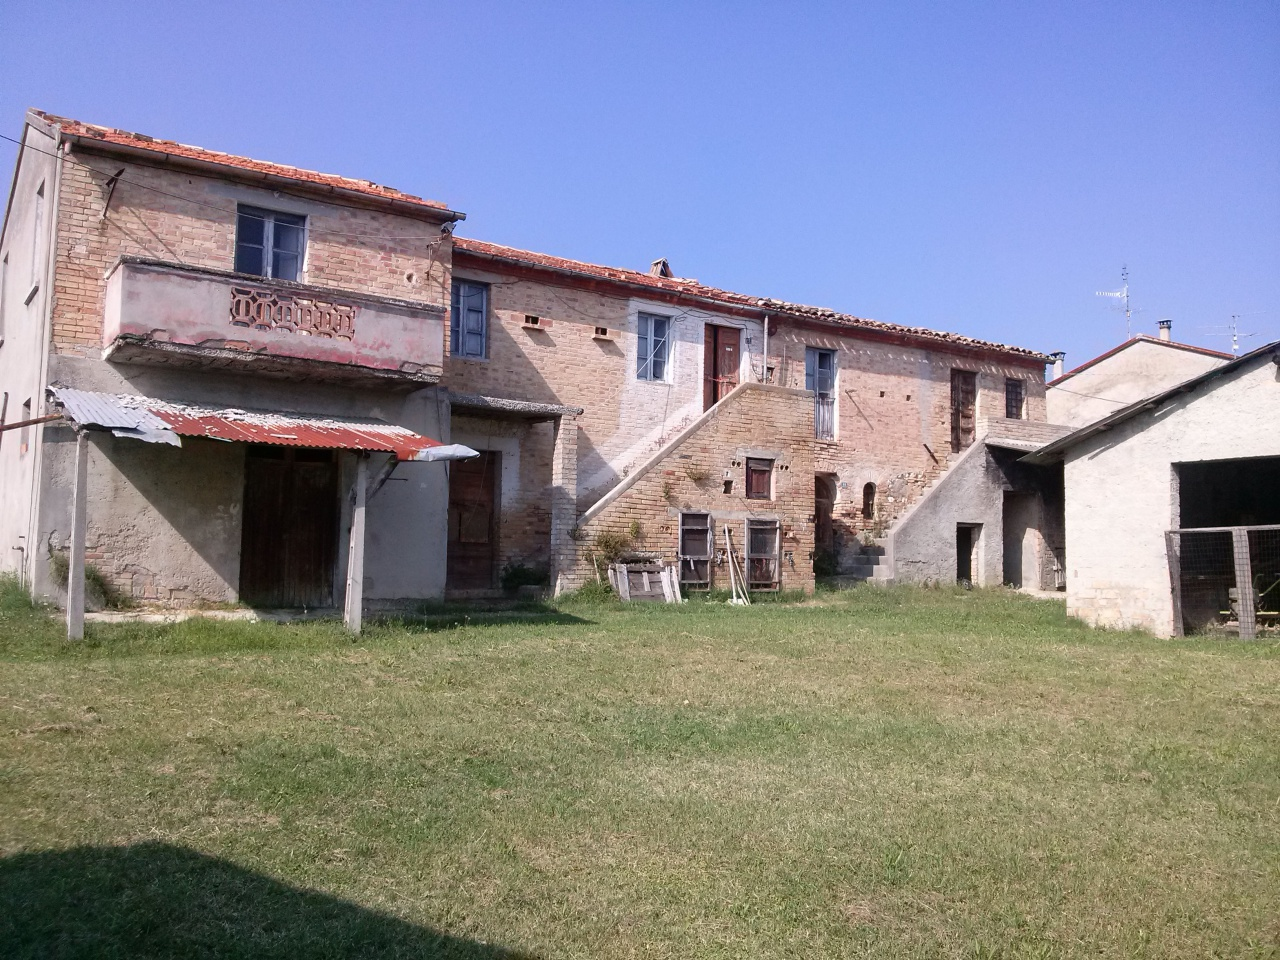 Rustico / Casale in vendita a Sant'Egidio alla Vibrata, 9999 locali, prezzo € 220.000 | Cambio Casa.it